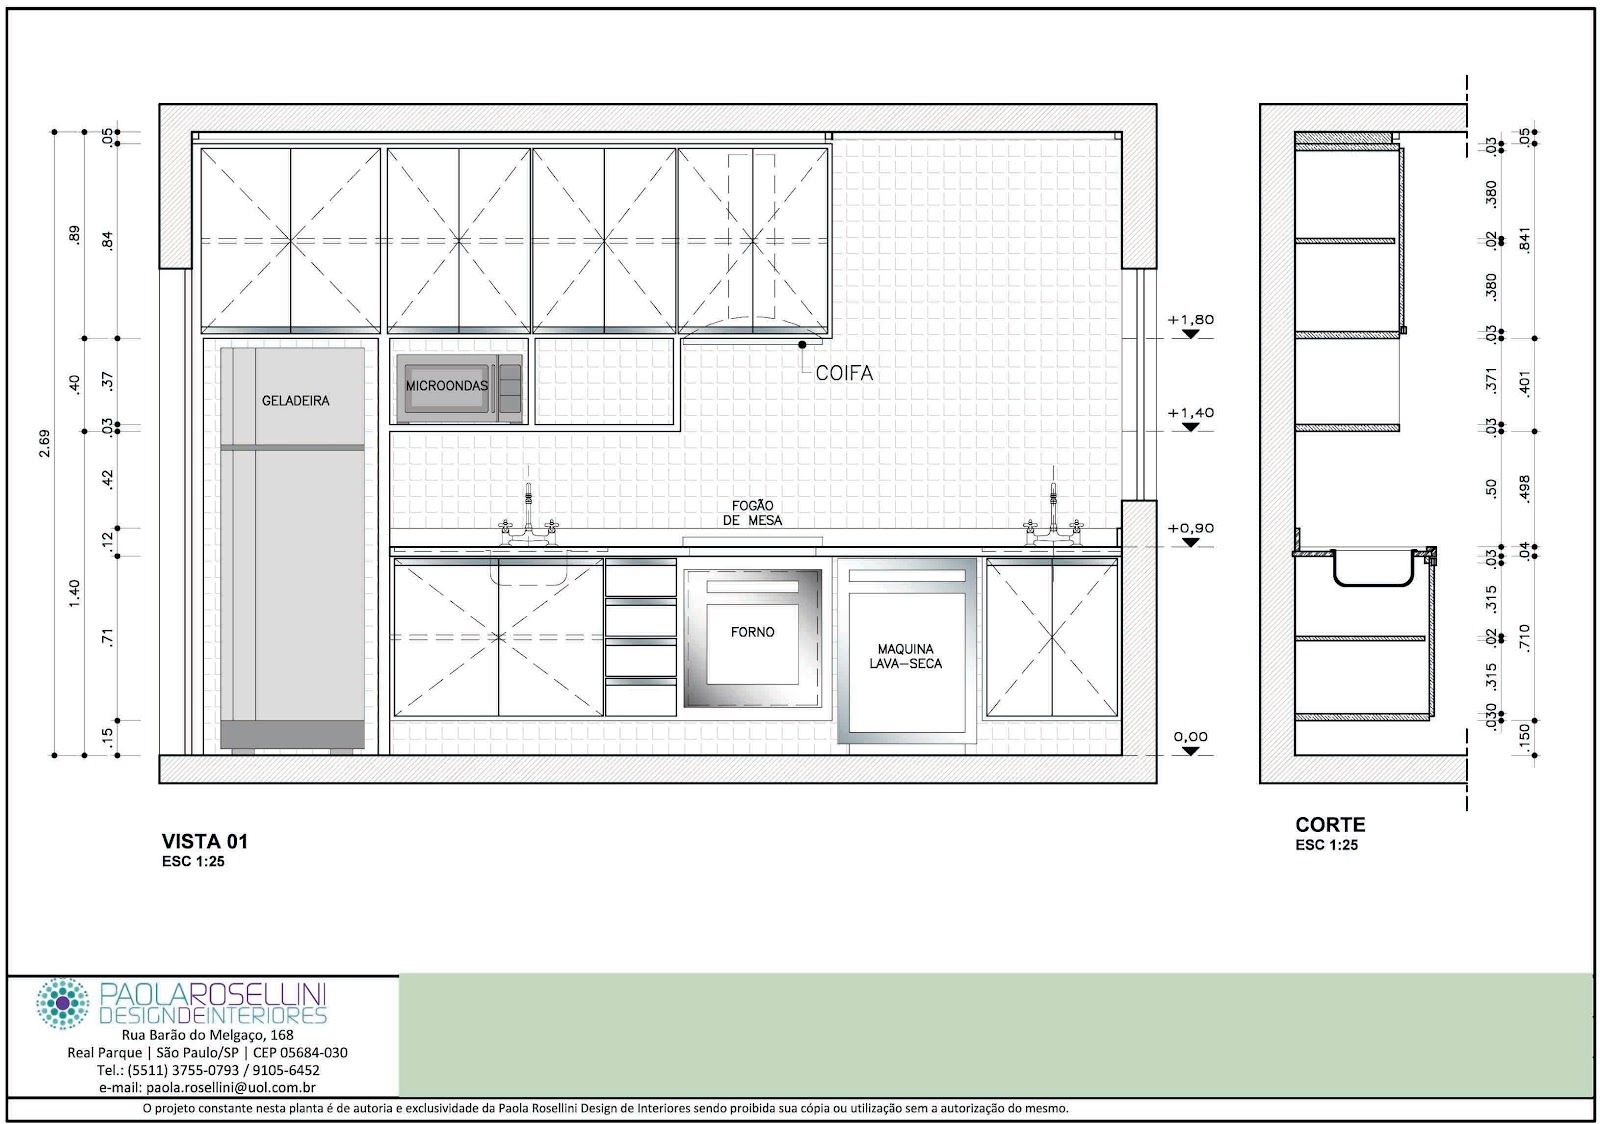 Pr_cozinha01 Jpg 1600 1124 Detalhamento De Interiores